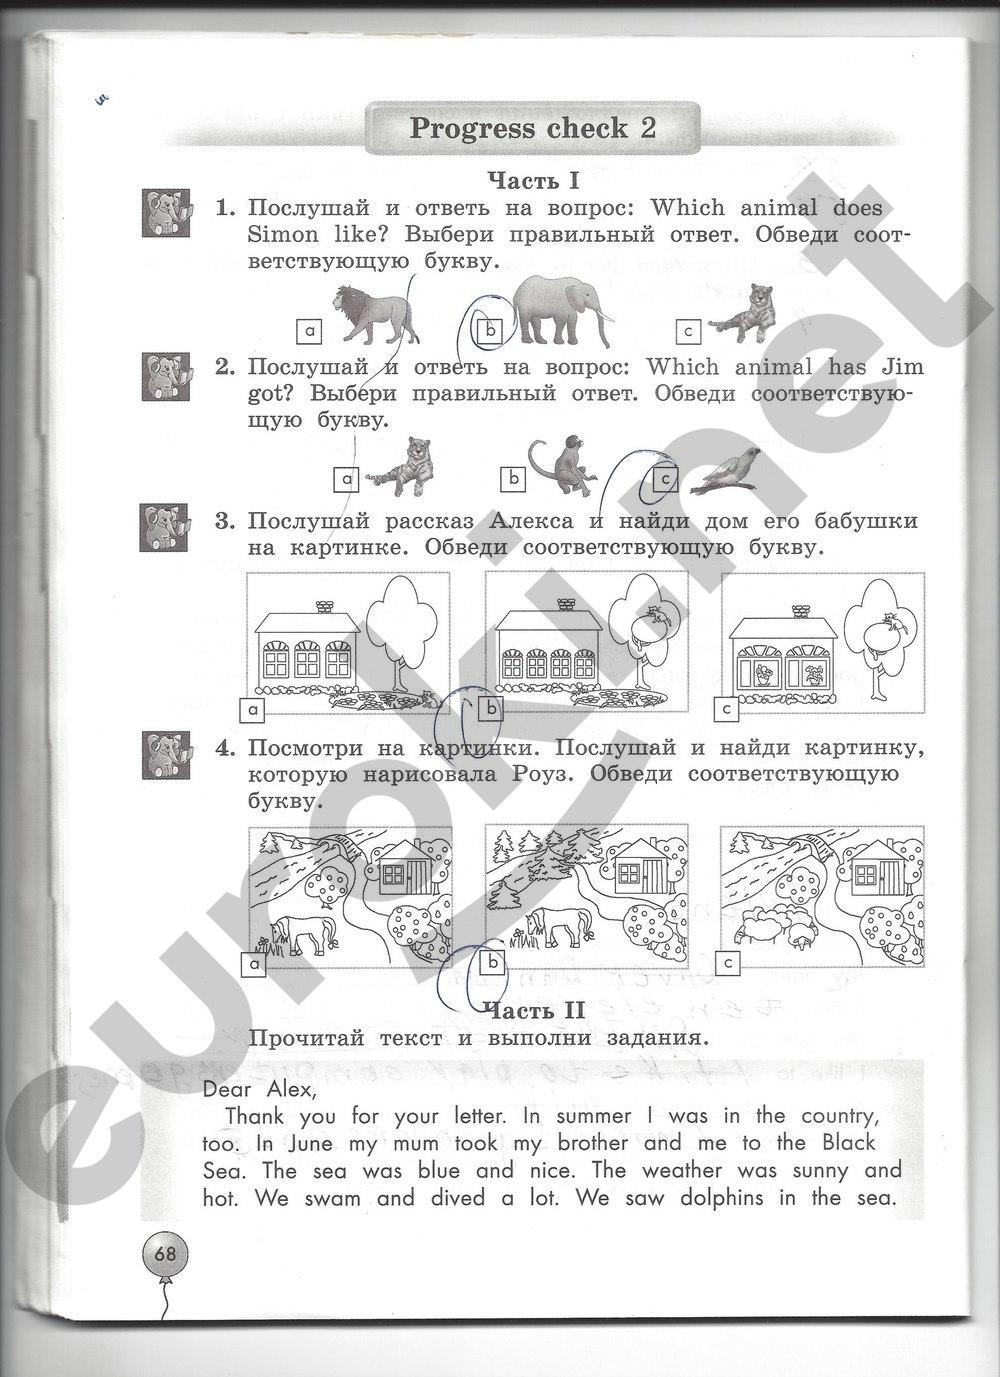 английскому рабочая тетрадь 4 2 по языку гдз биболетова класс решебник